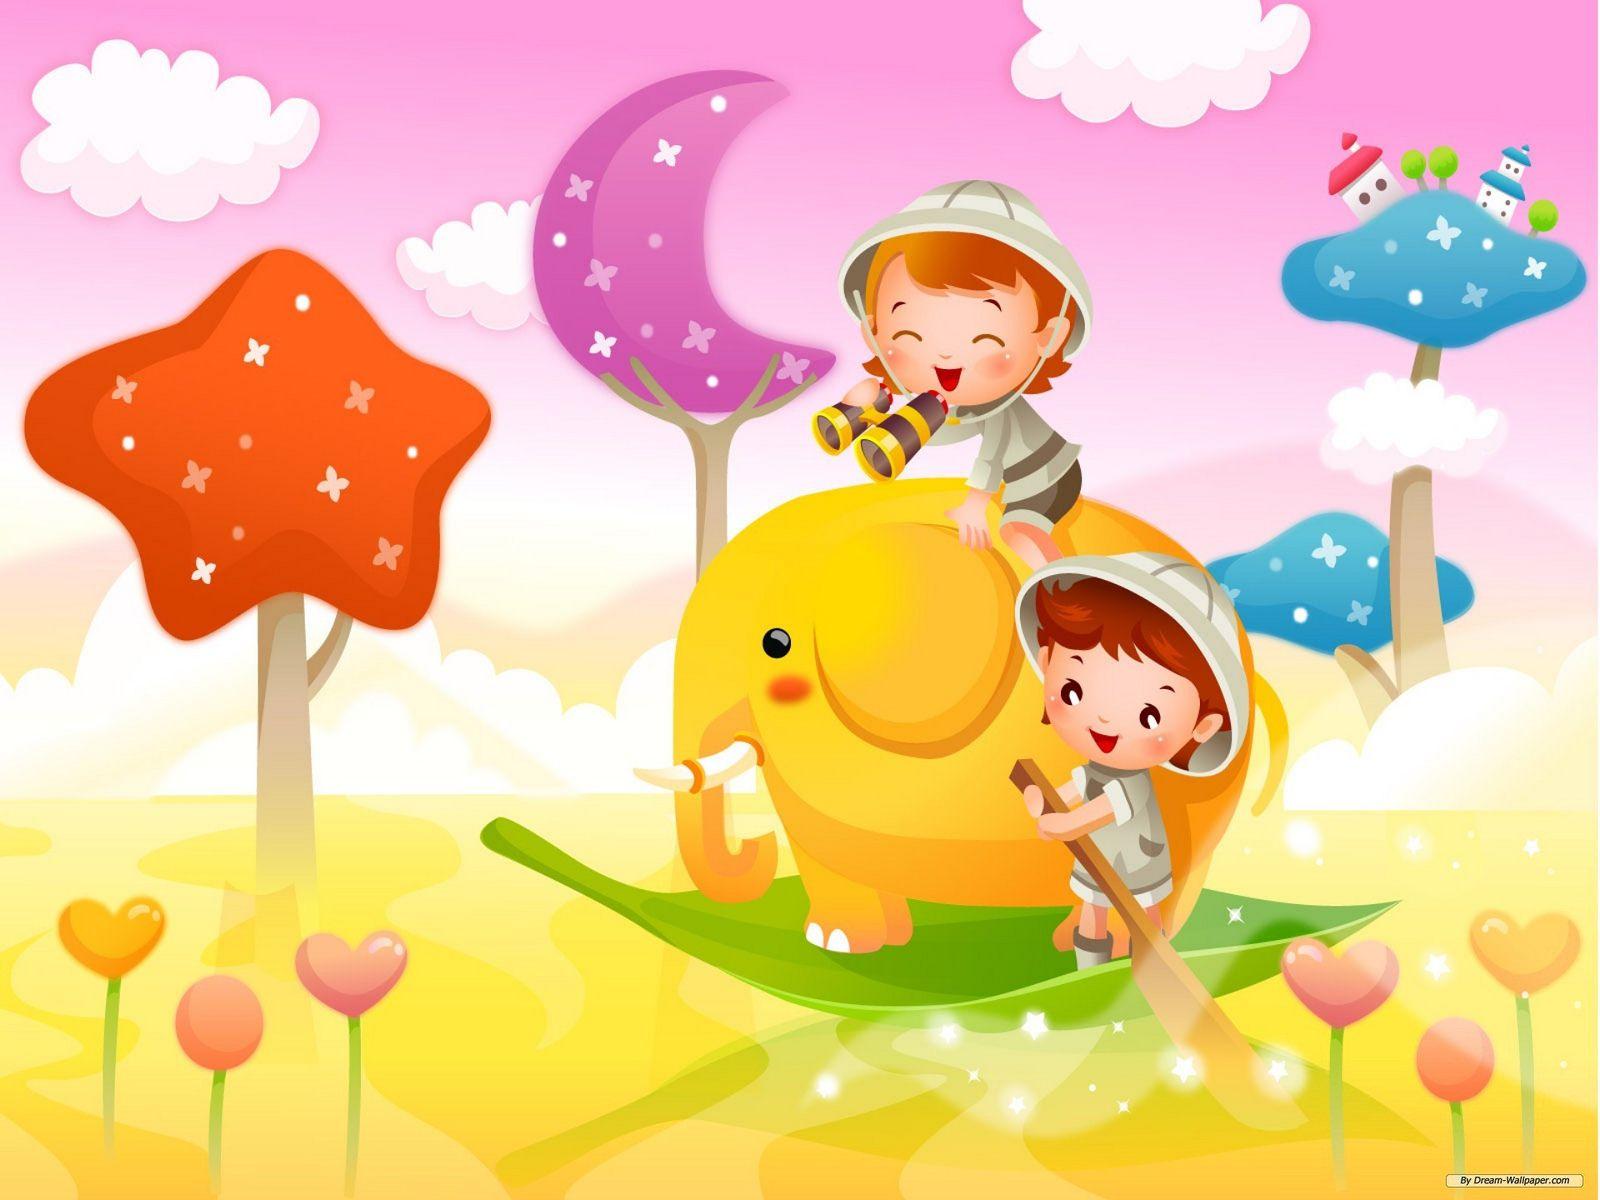 Kids Wallpaper Free 6 Cartoon Wallpaper Cute Cartoon Images Kids Wallpaper